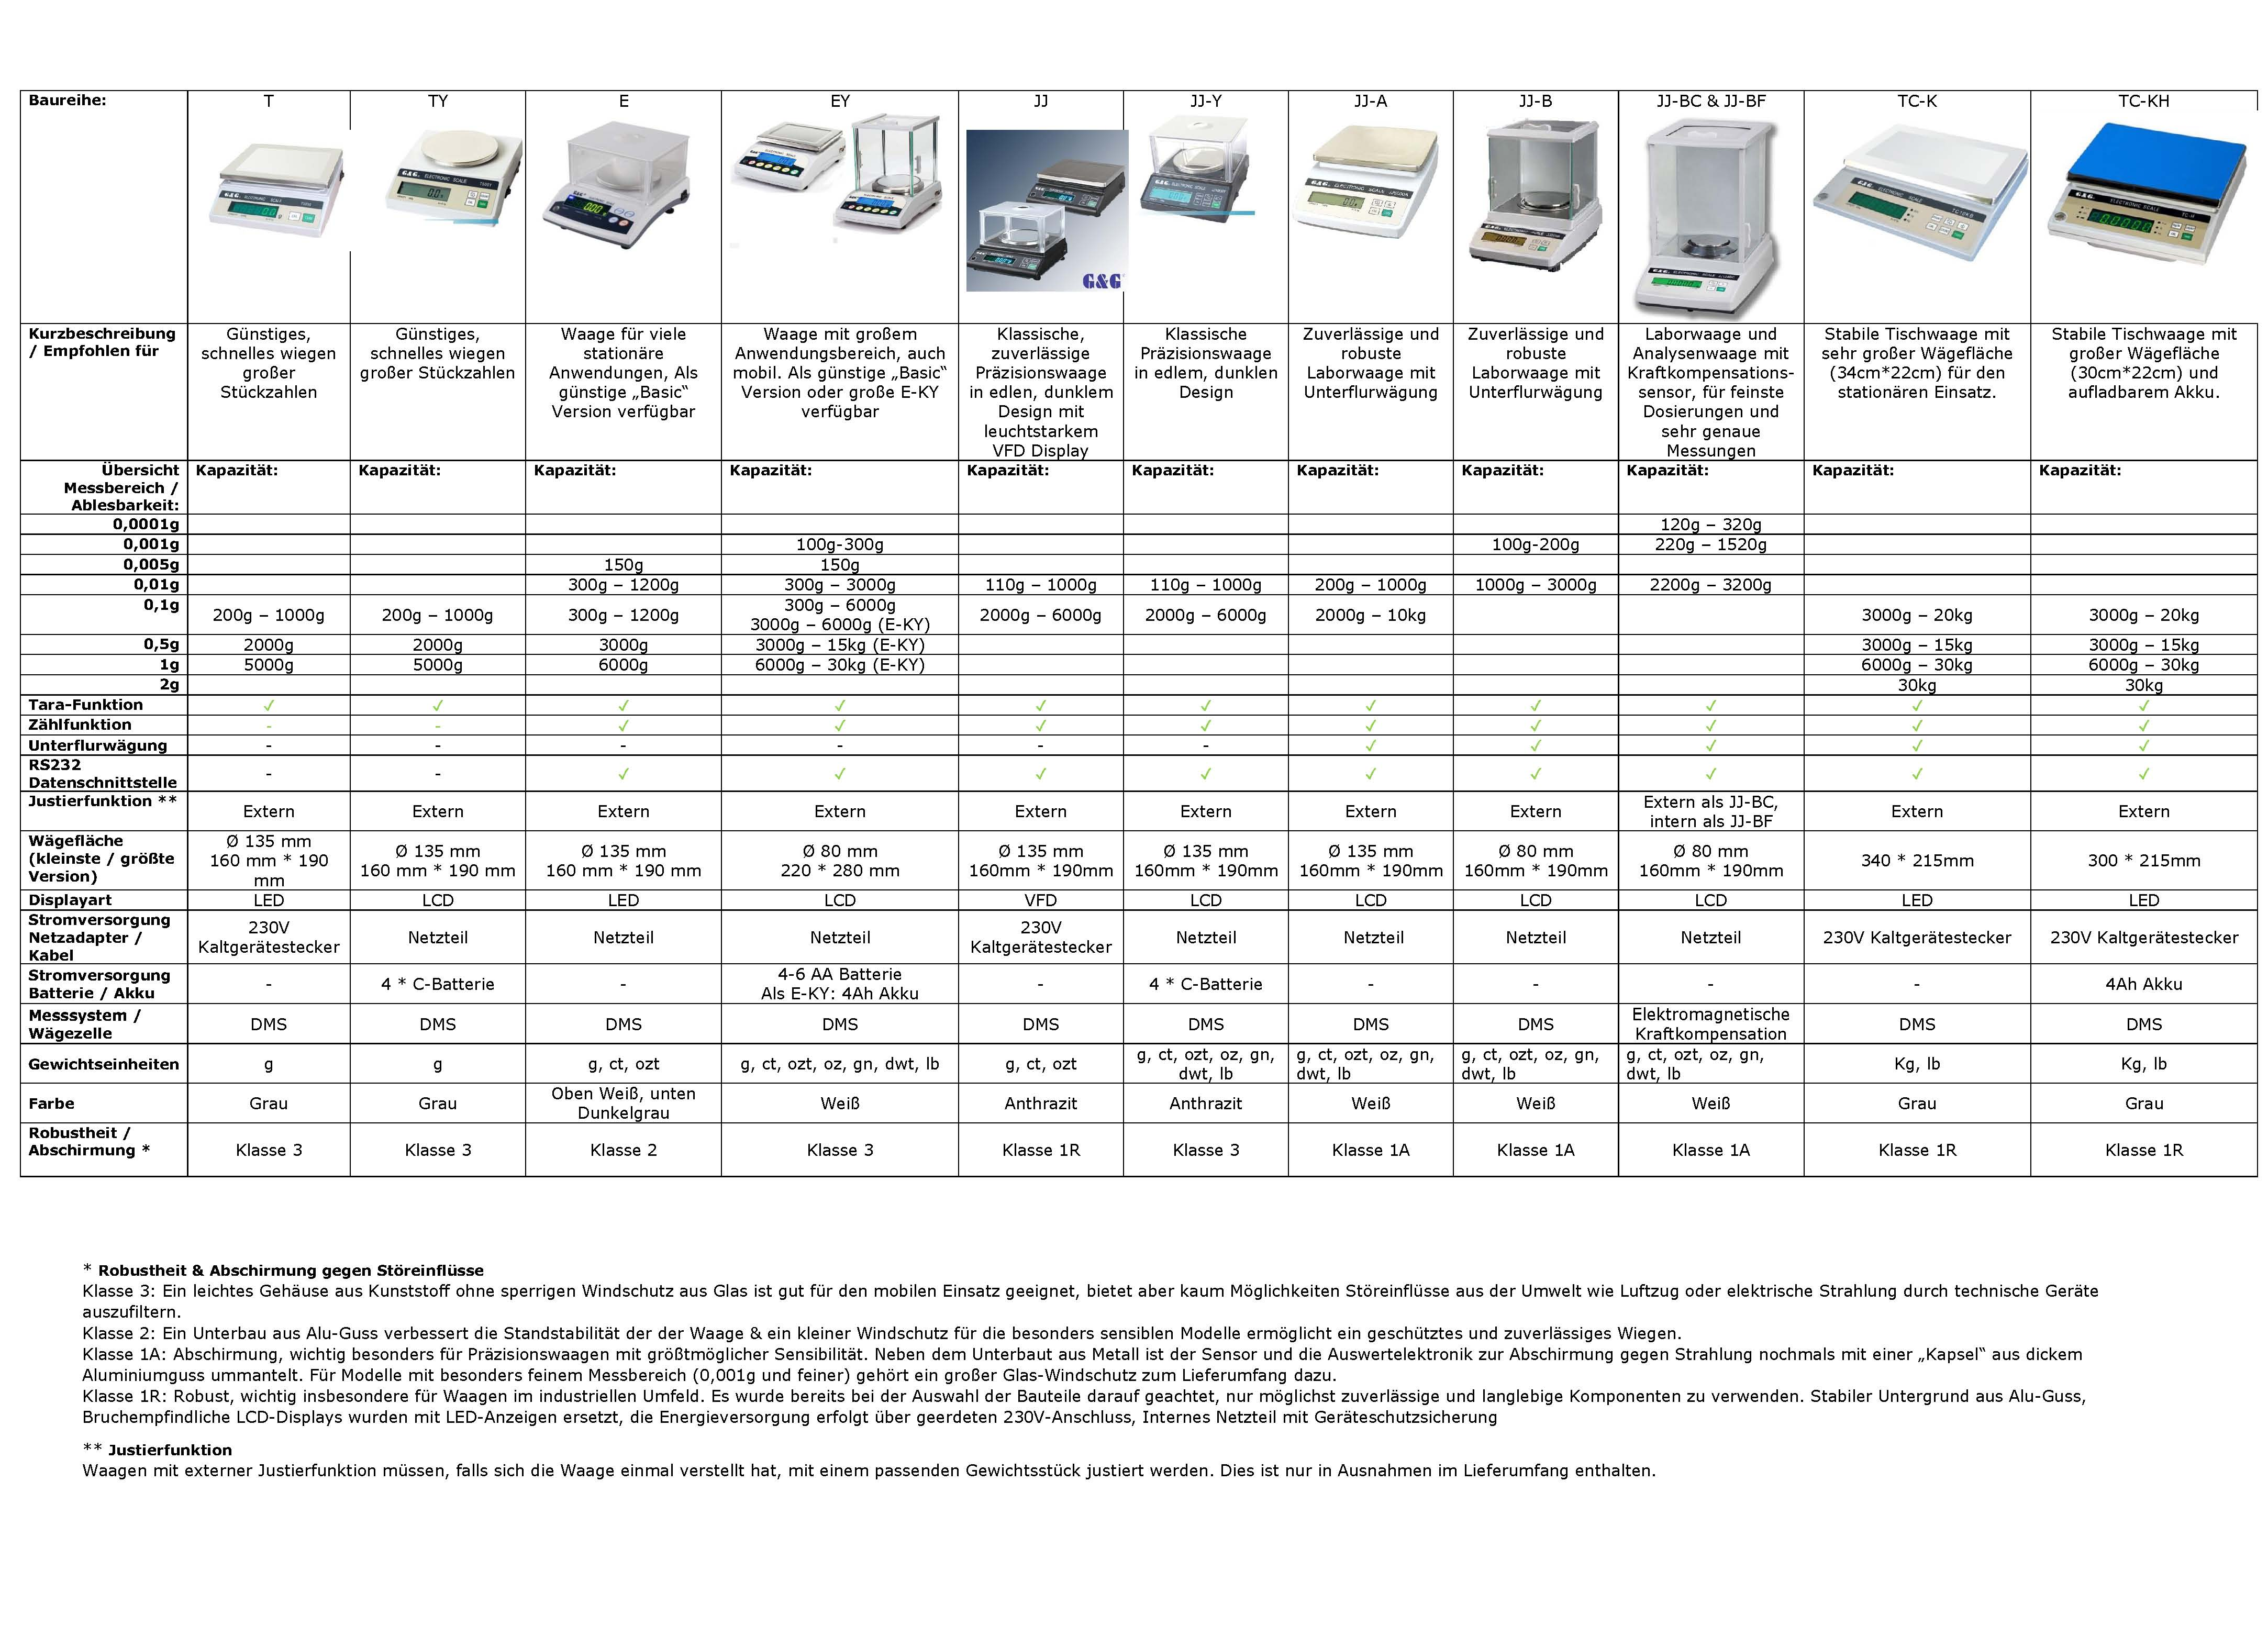 Tabelle der Tischwaagen